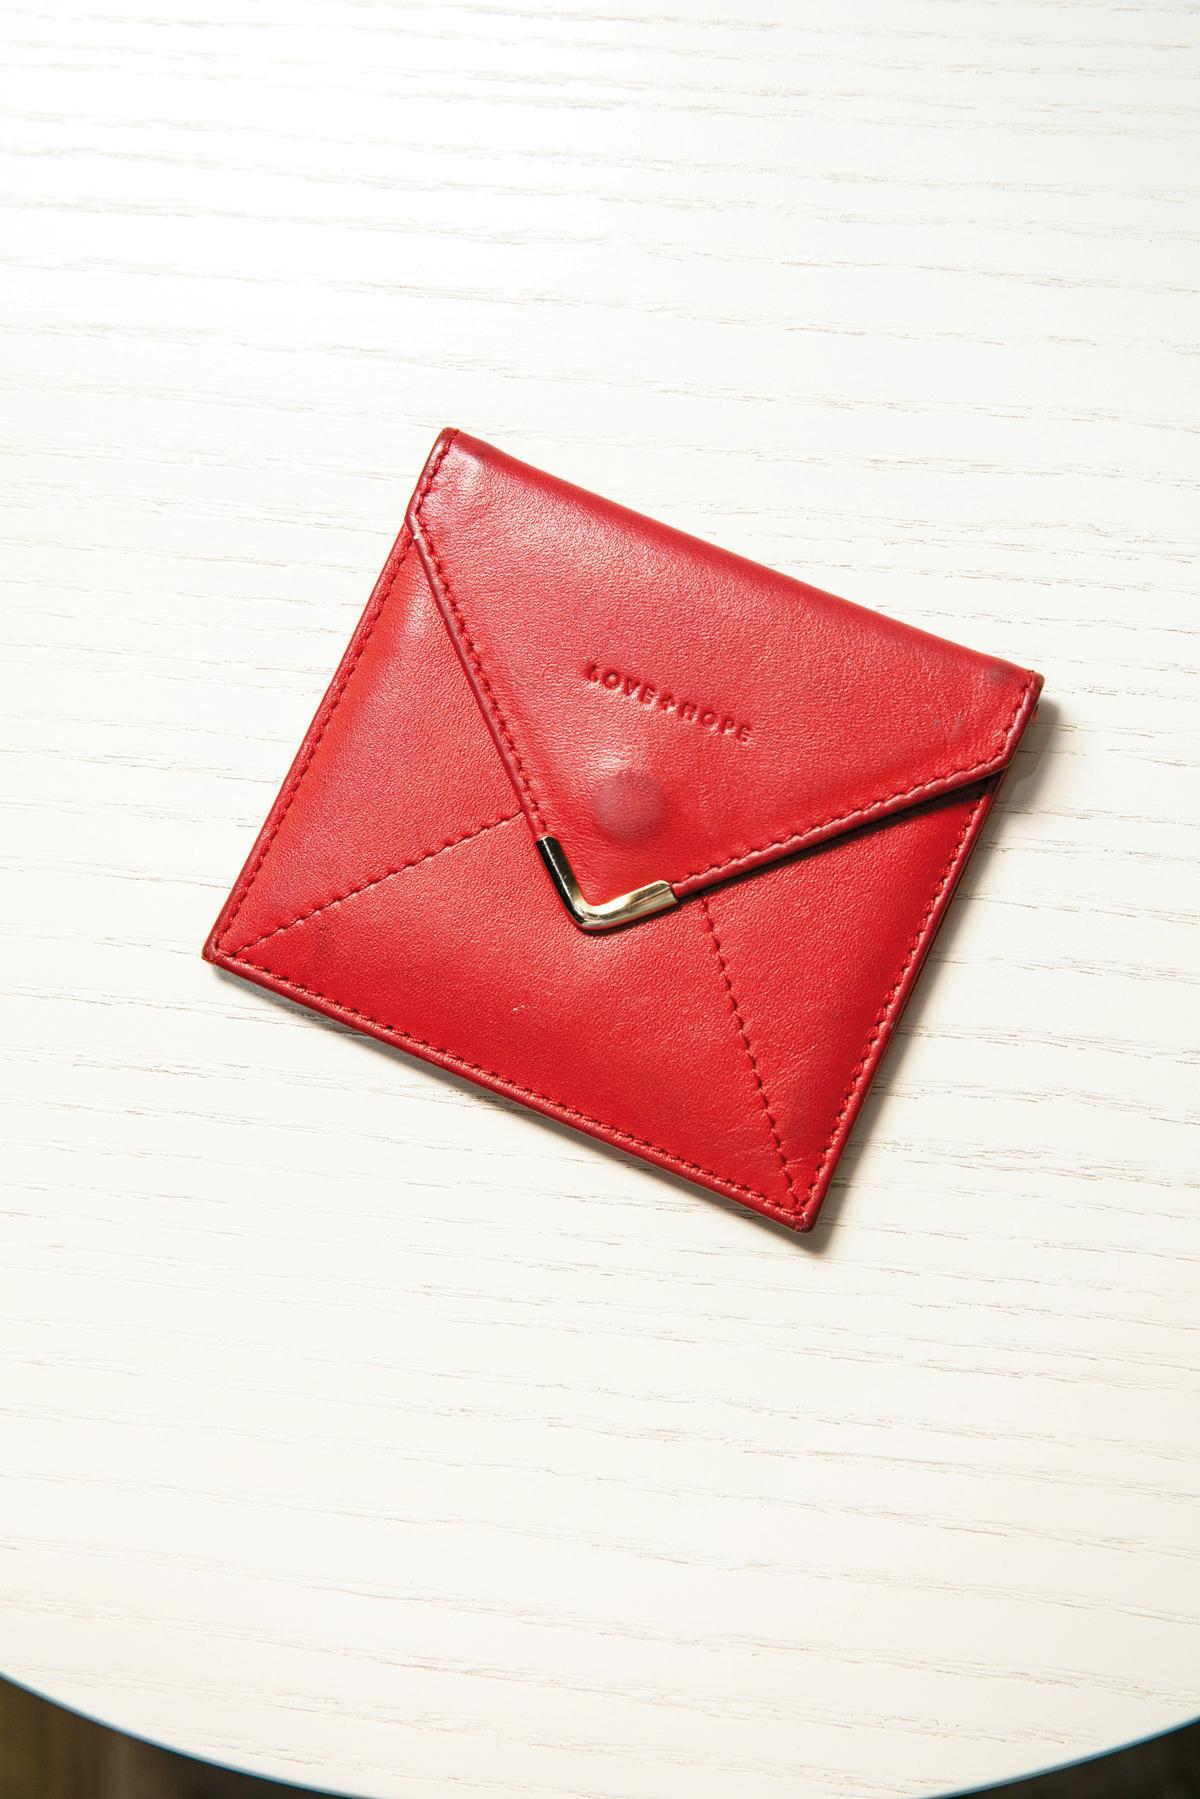 男友在機場買的紅色卡夾,印有「LOVE HOPE」。